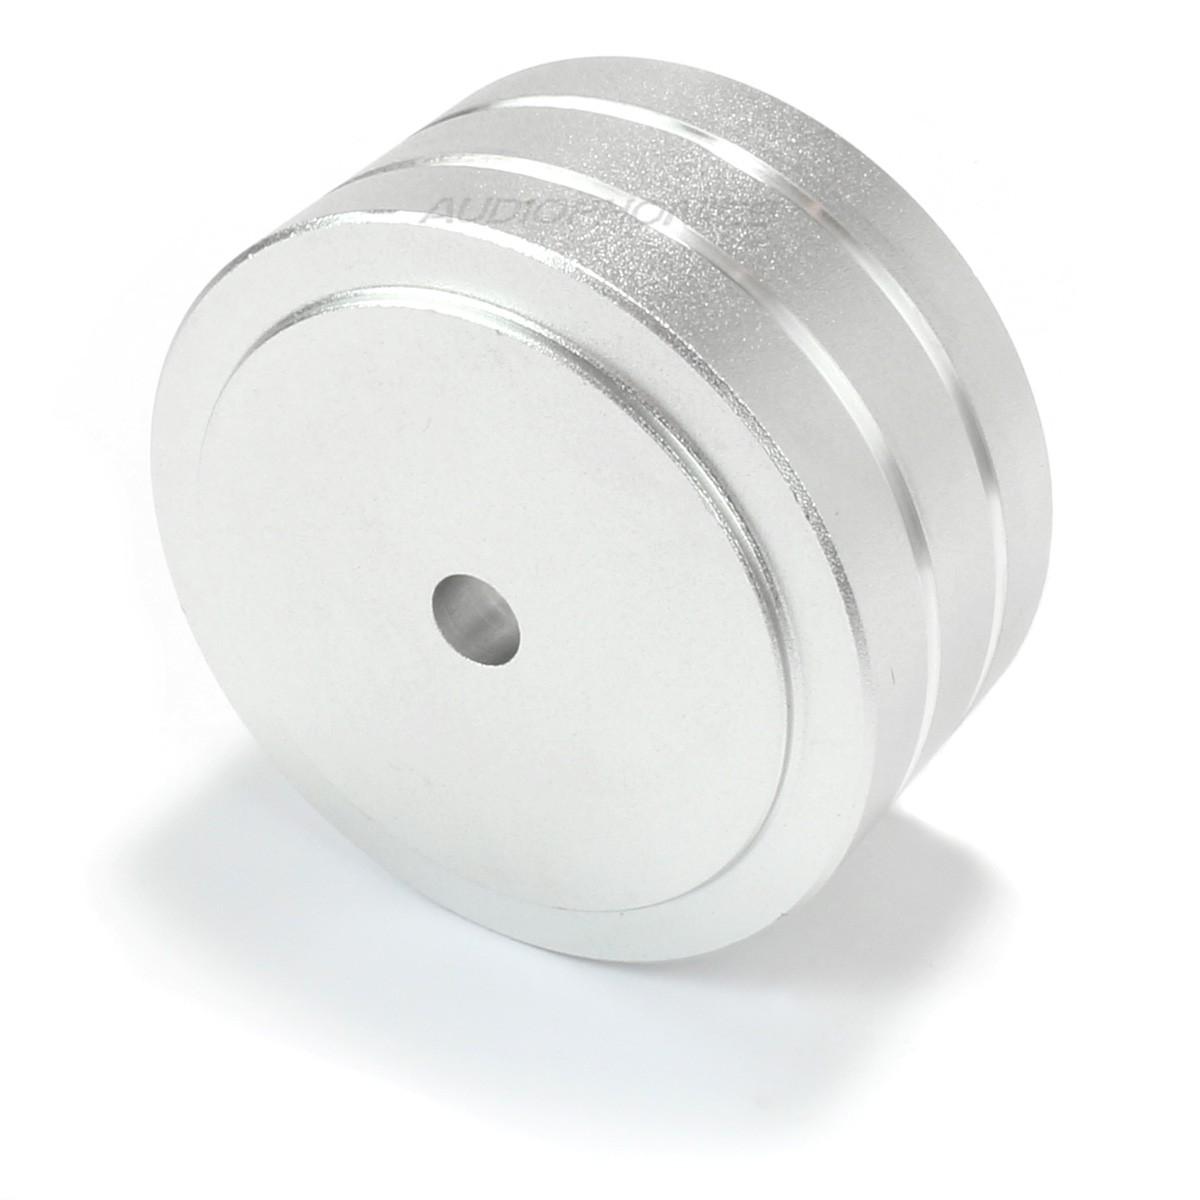 Aluminium Damping Foot 39.5x21.5mm M4 Silver (Unit)